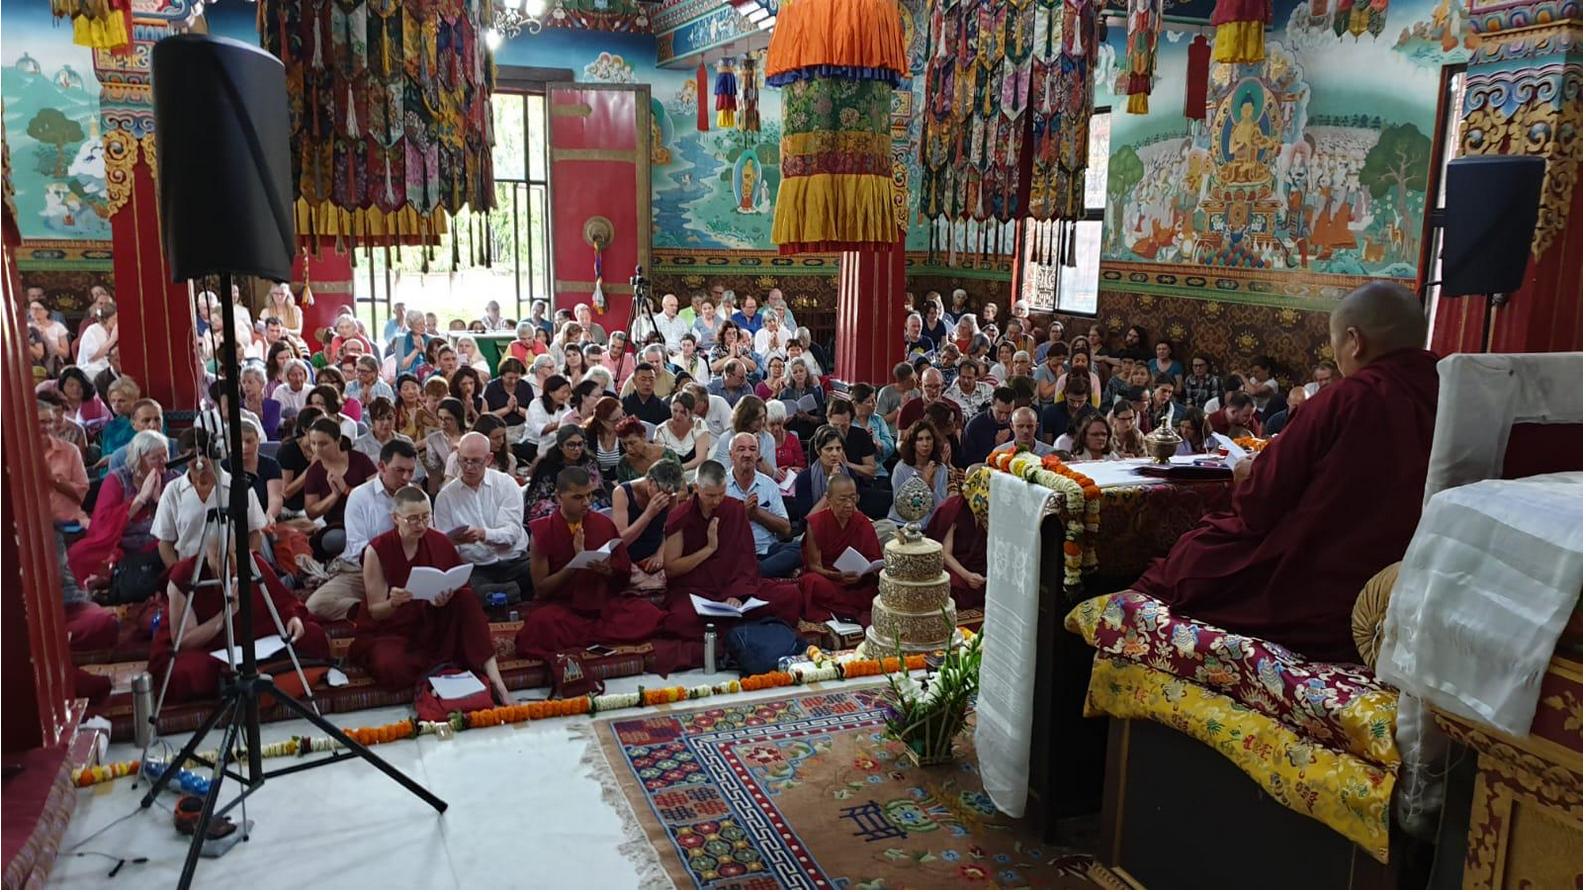 Rigpa Schüler*innen lauschen den Belehrungen von Khandro Rinpoche im Shechen Kloster, Bodhgaya, Indien. Februar 2019